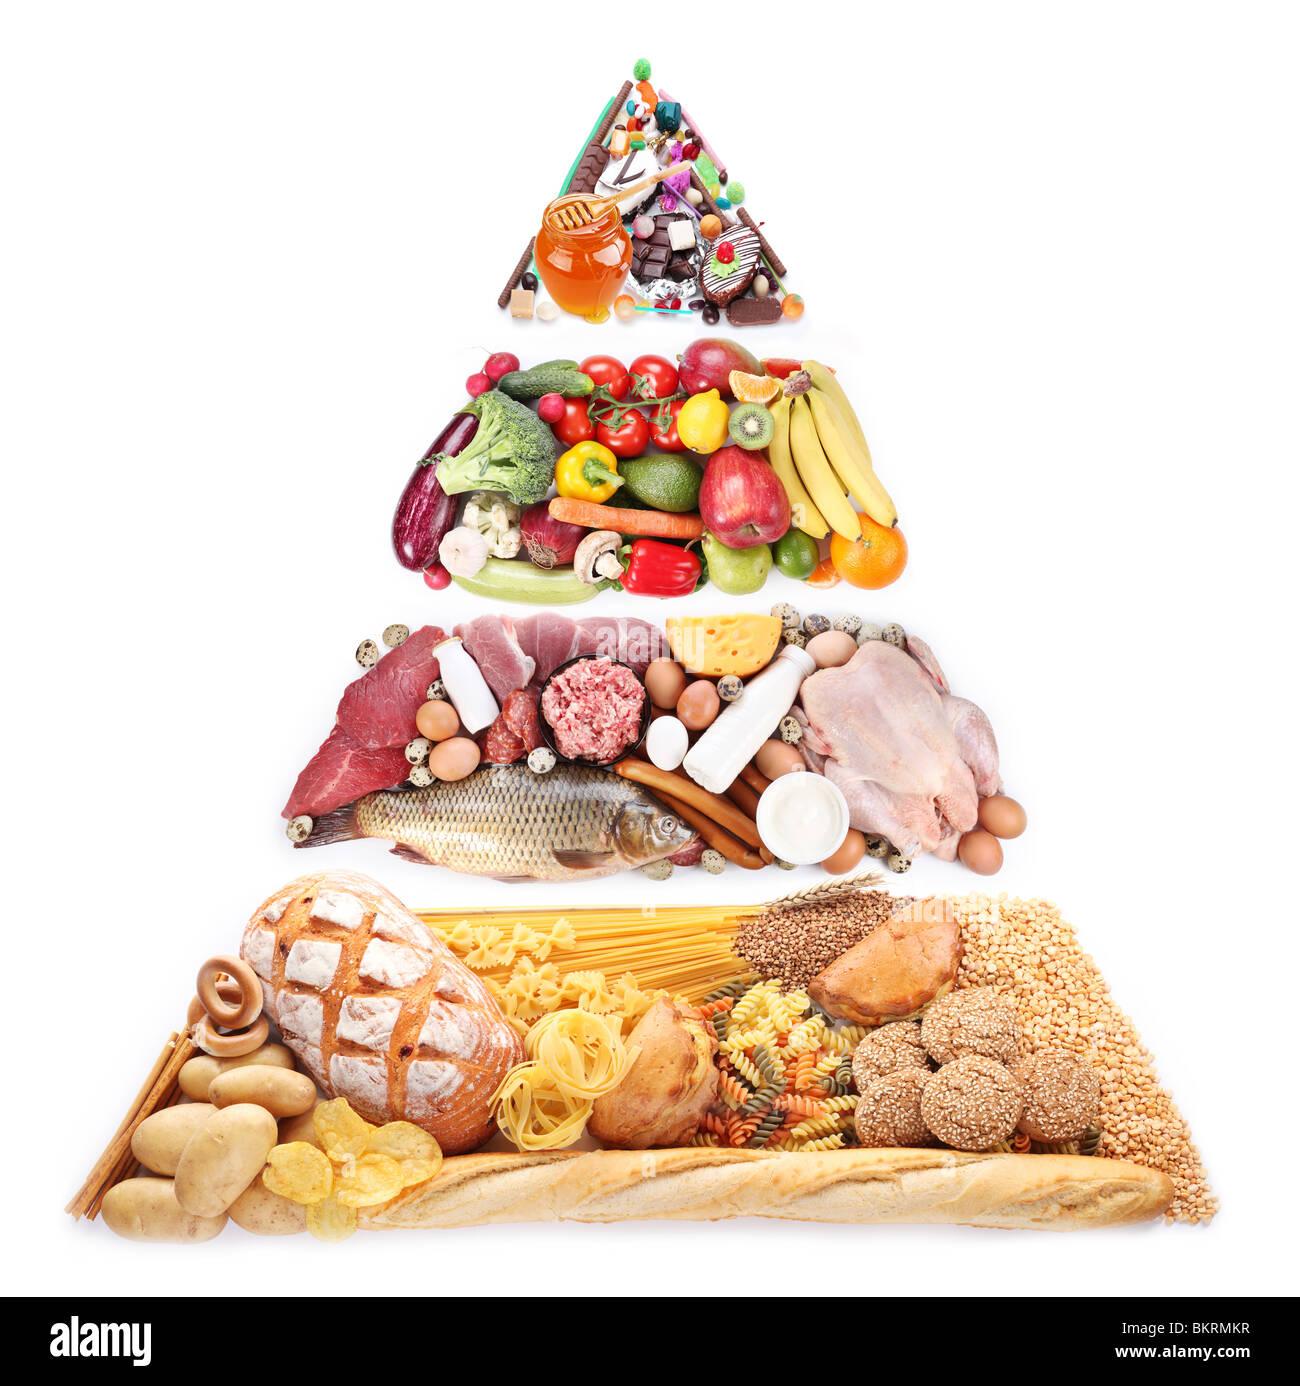 Ernährungspyramide für eine ausgewogene Ernährung. Isoliert auf weiss Stockbild